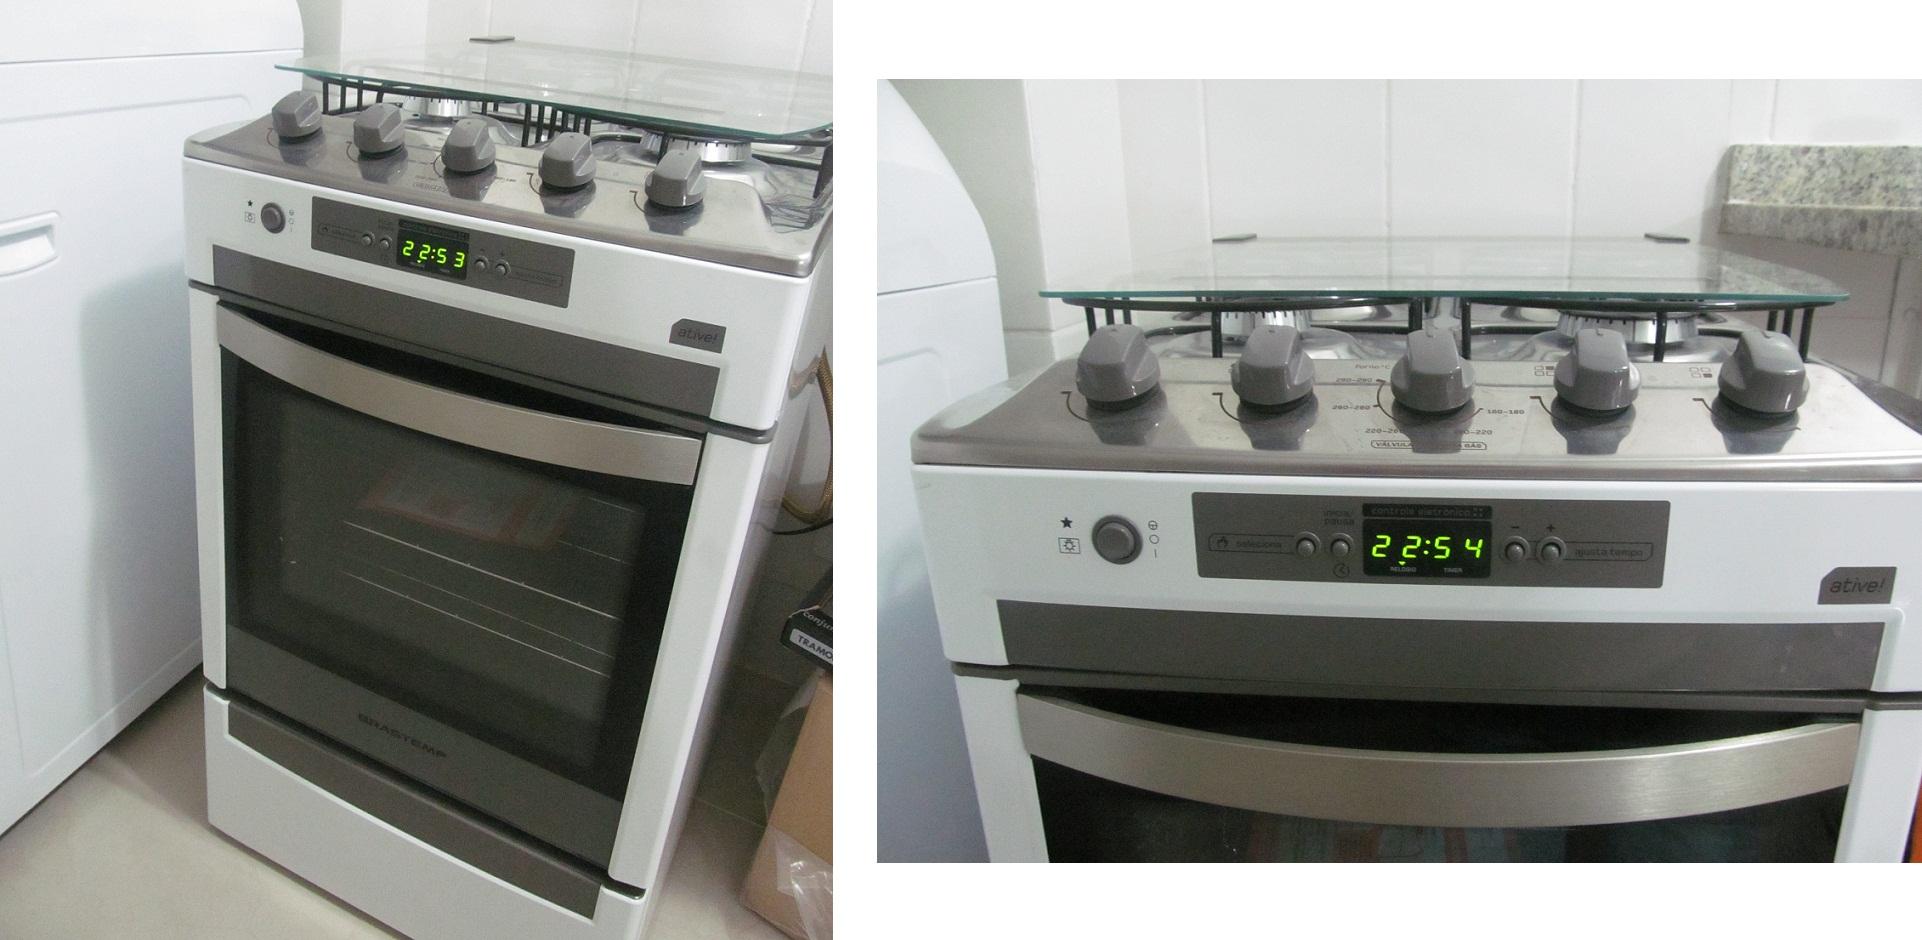 #645D4D  ao fogão também da Brastemp: Esse sim é da linha Brastemp Ative 1922x940 px Projetos De Cozinhas Brastemp #439 imagens